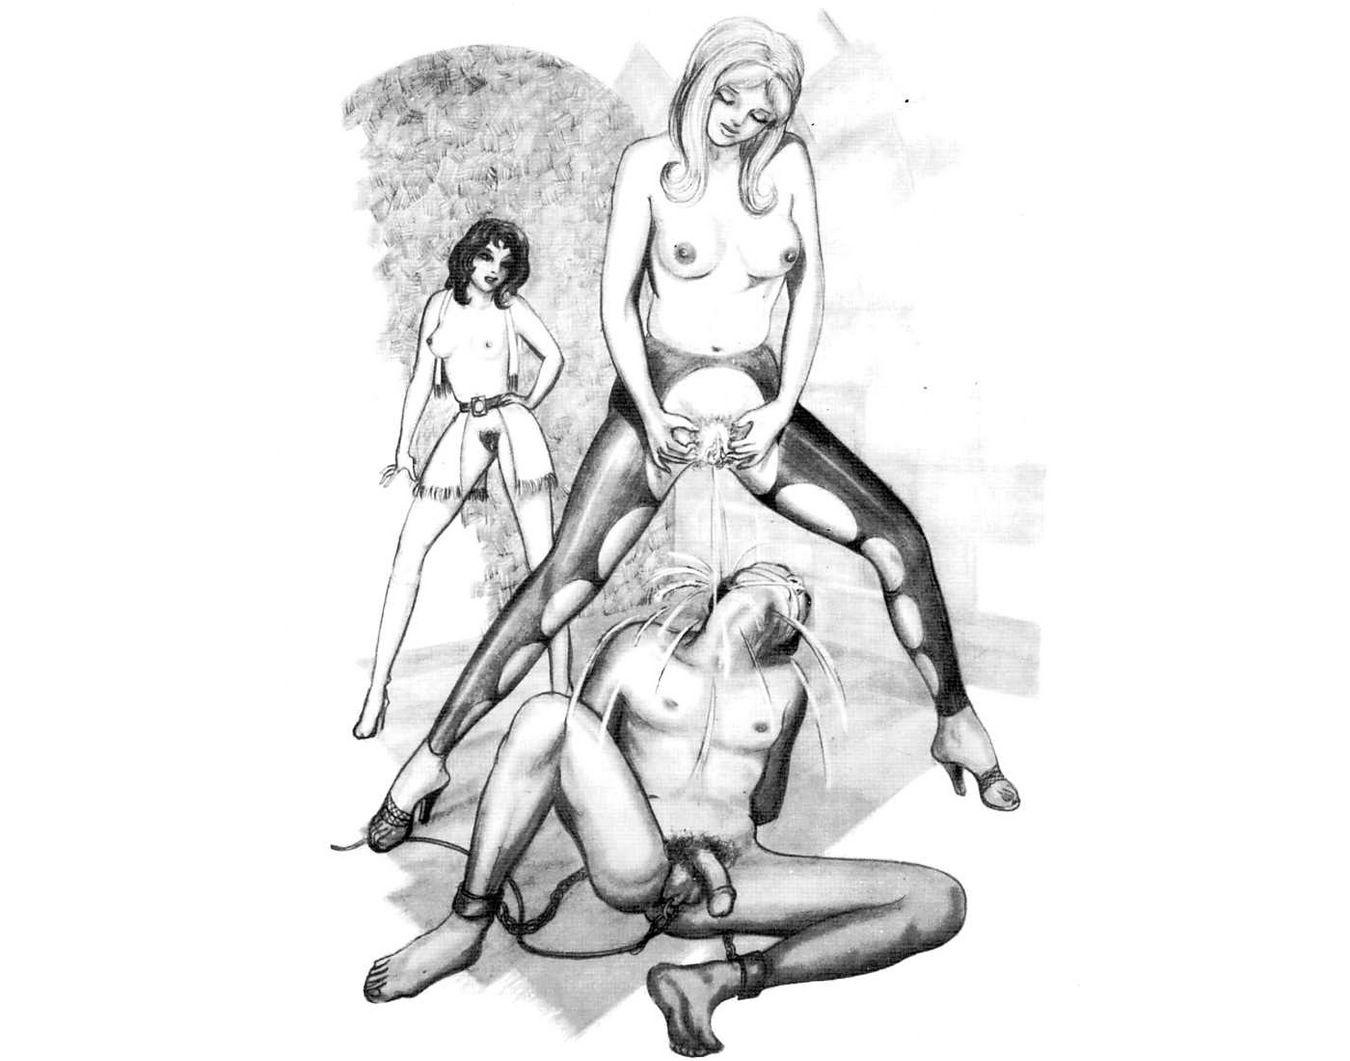 порно фемдом арт